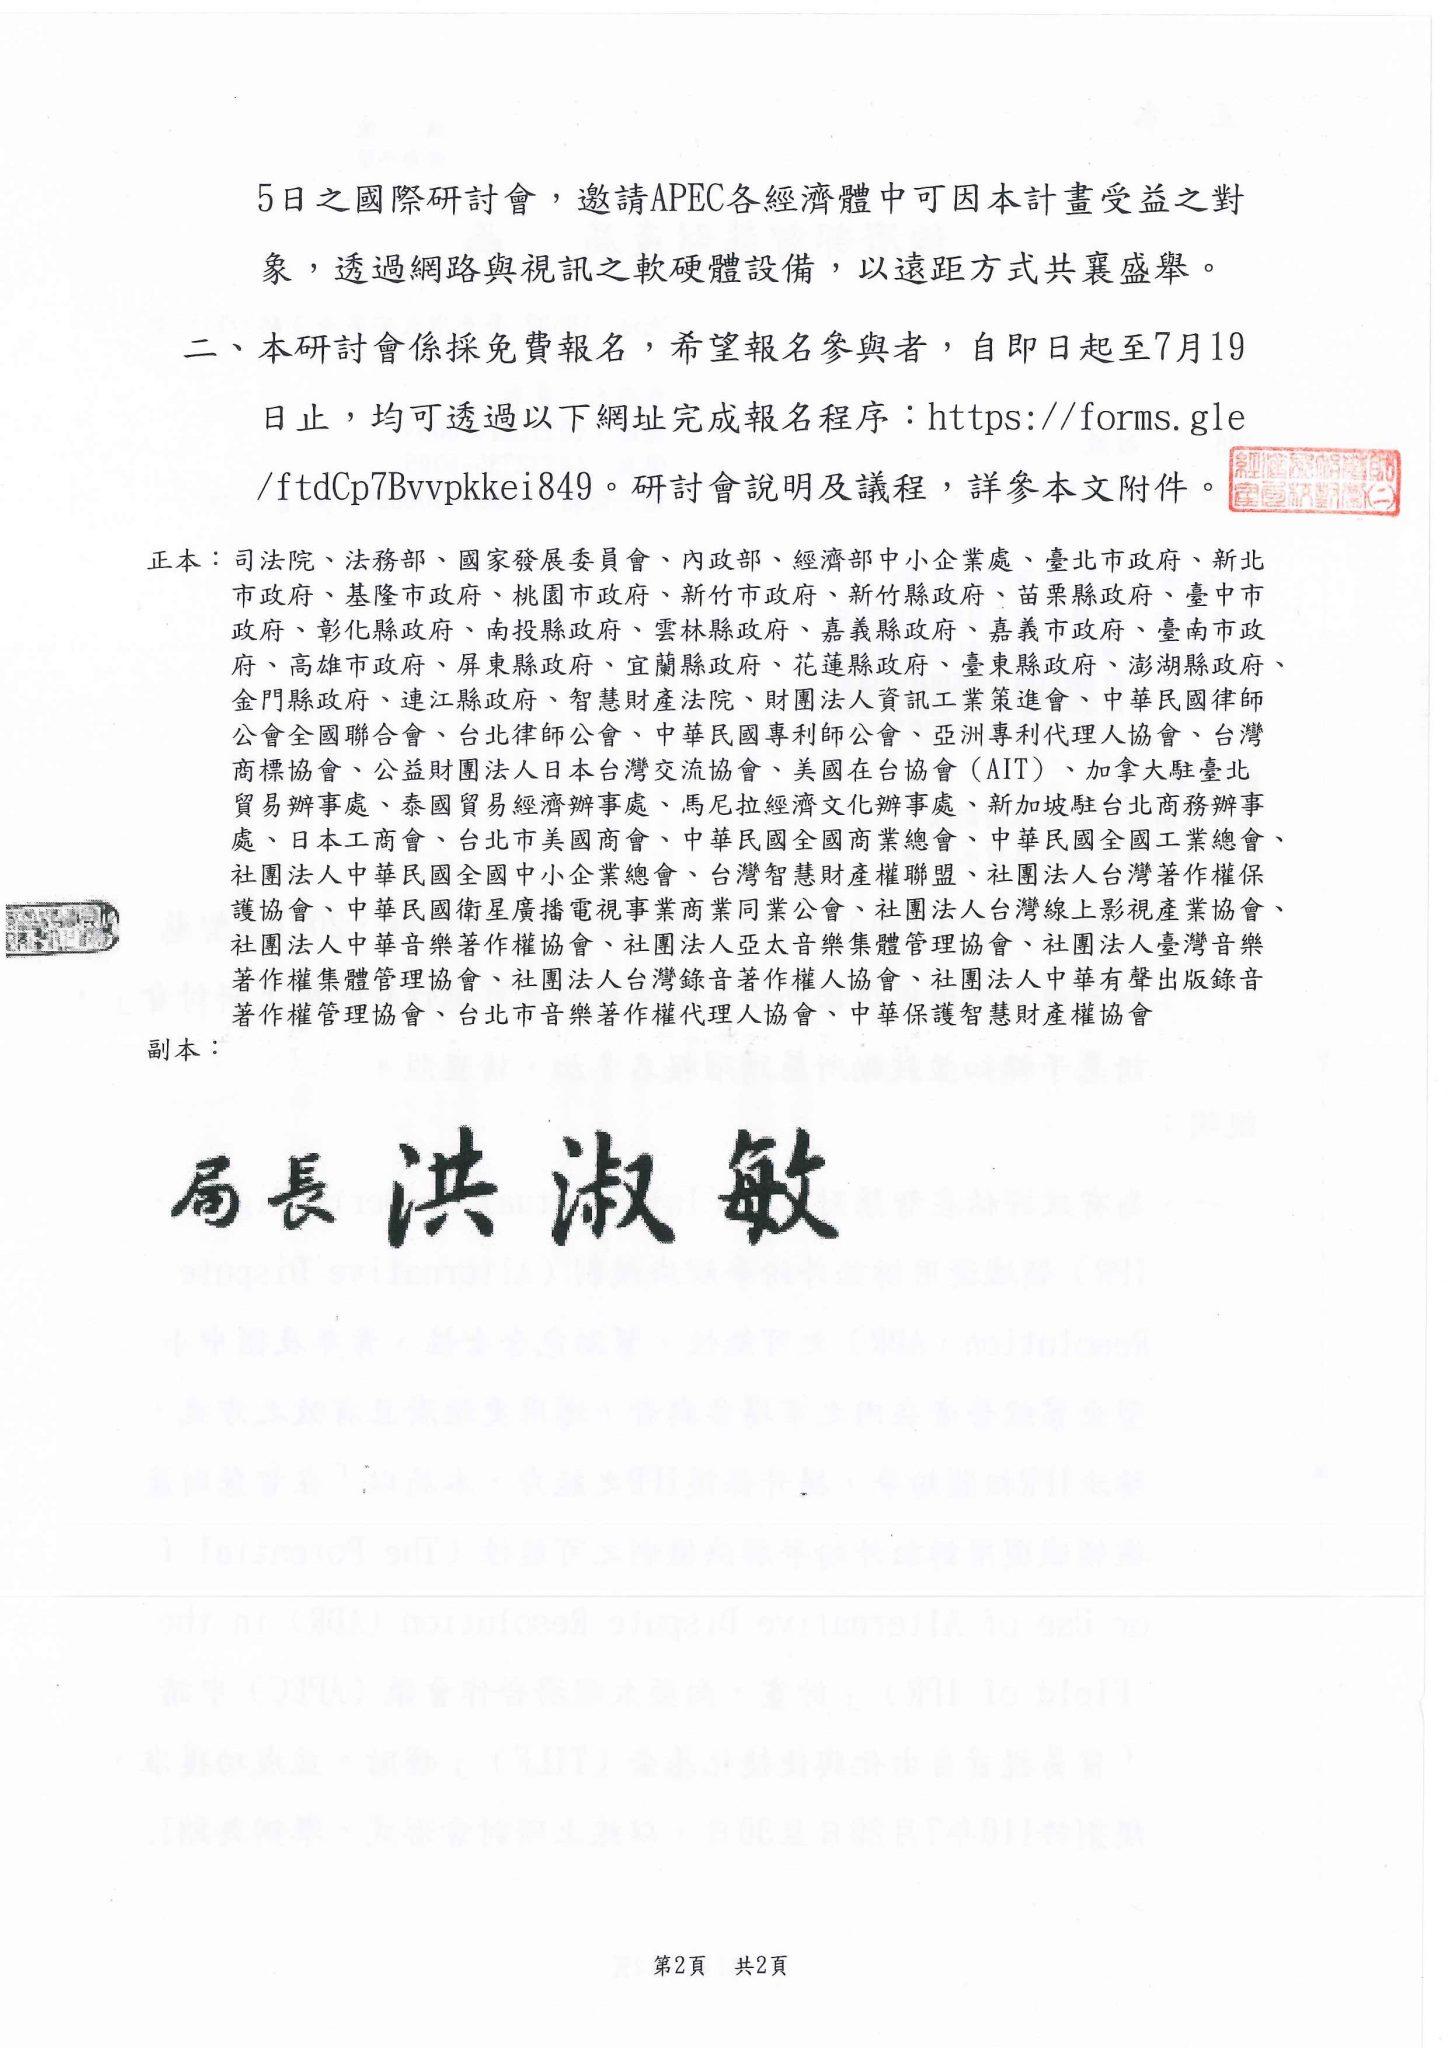 智慧局-2021智慧財產權領域運用訴訟外紛爭解決機制之可能性APEC線上研討會20210629_頁面_2